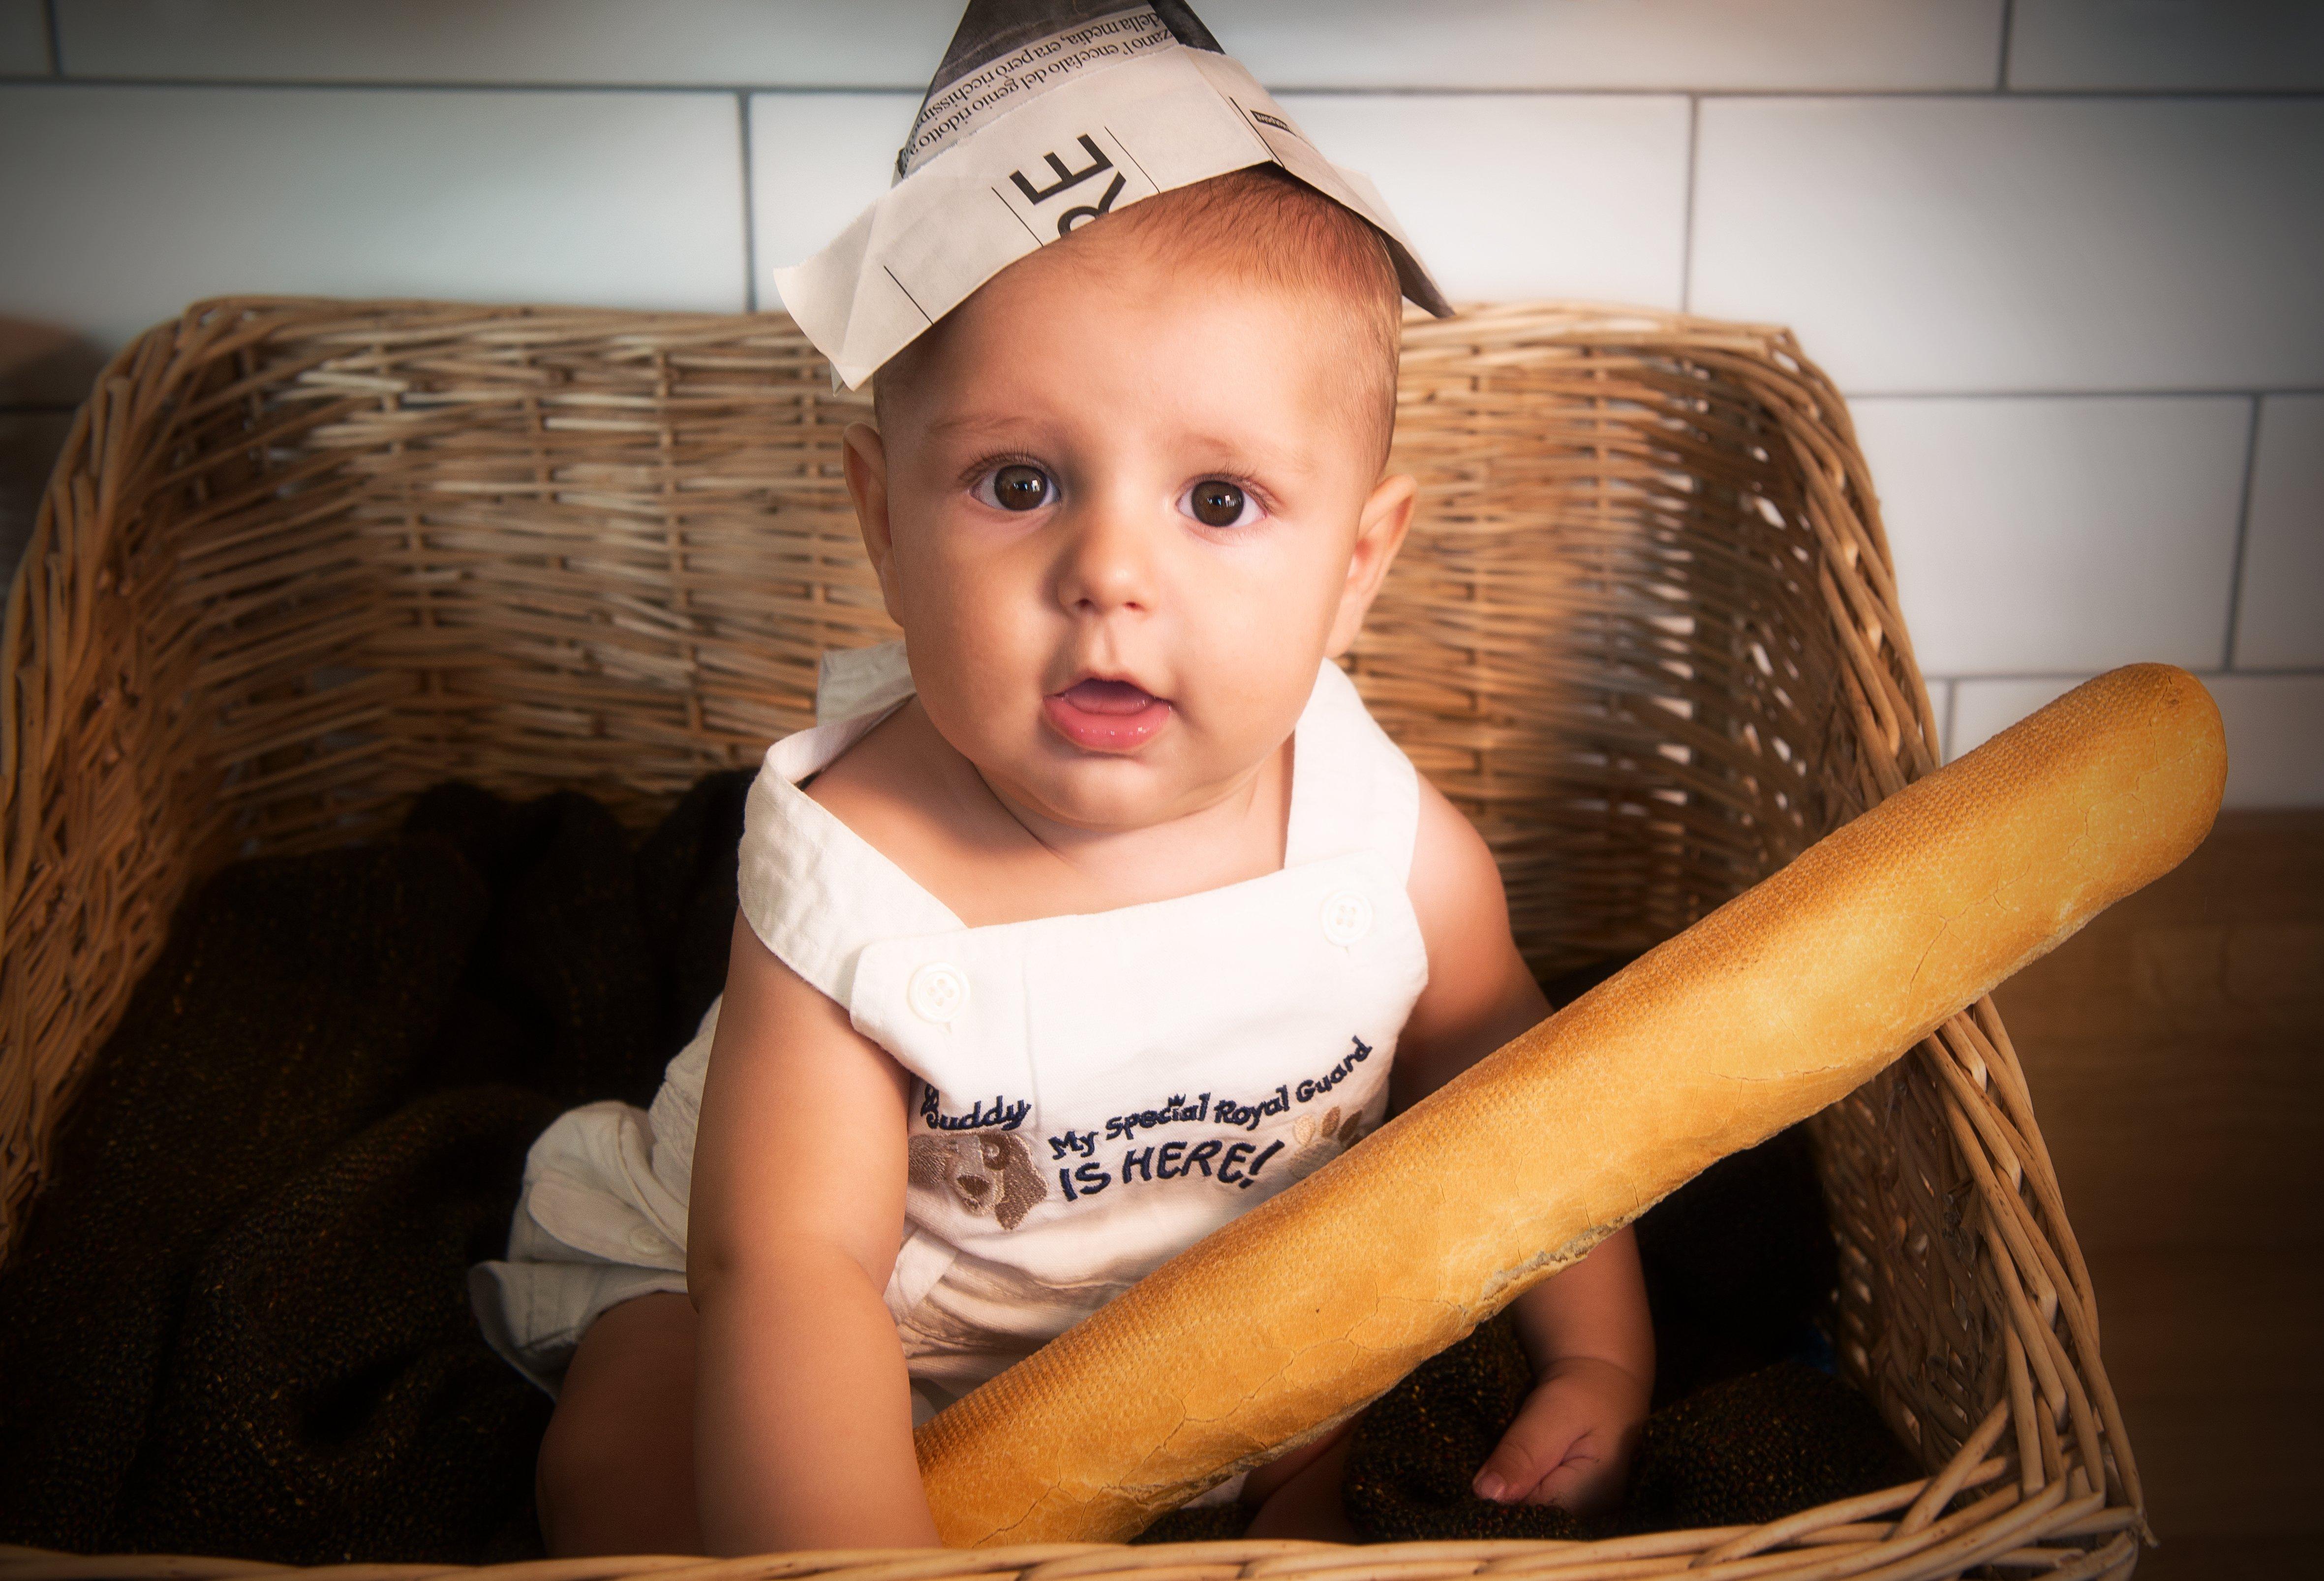 un neonato con un baguette seduto in un cestino